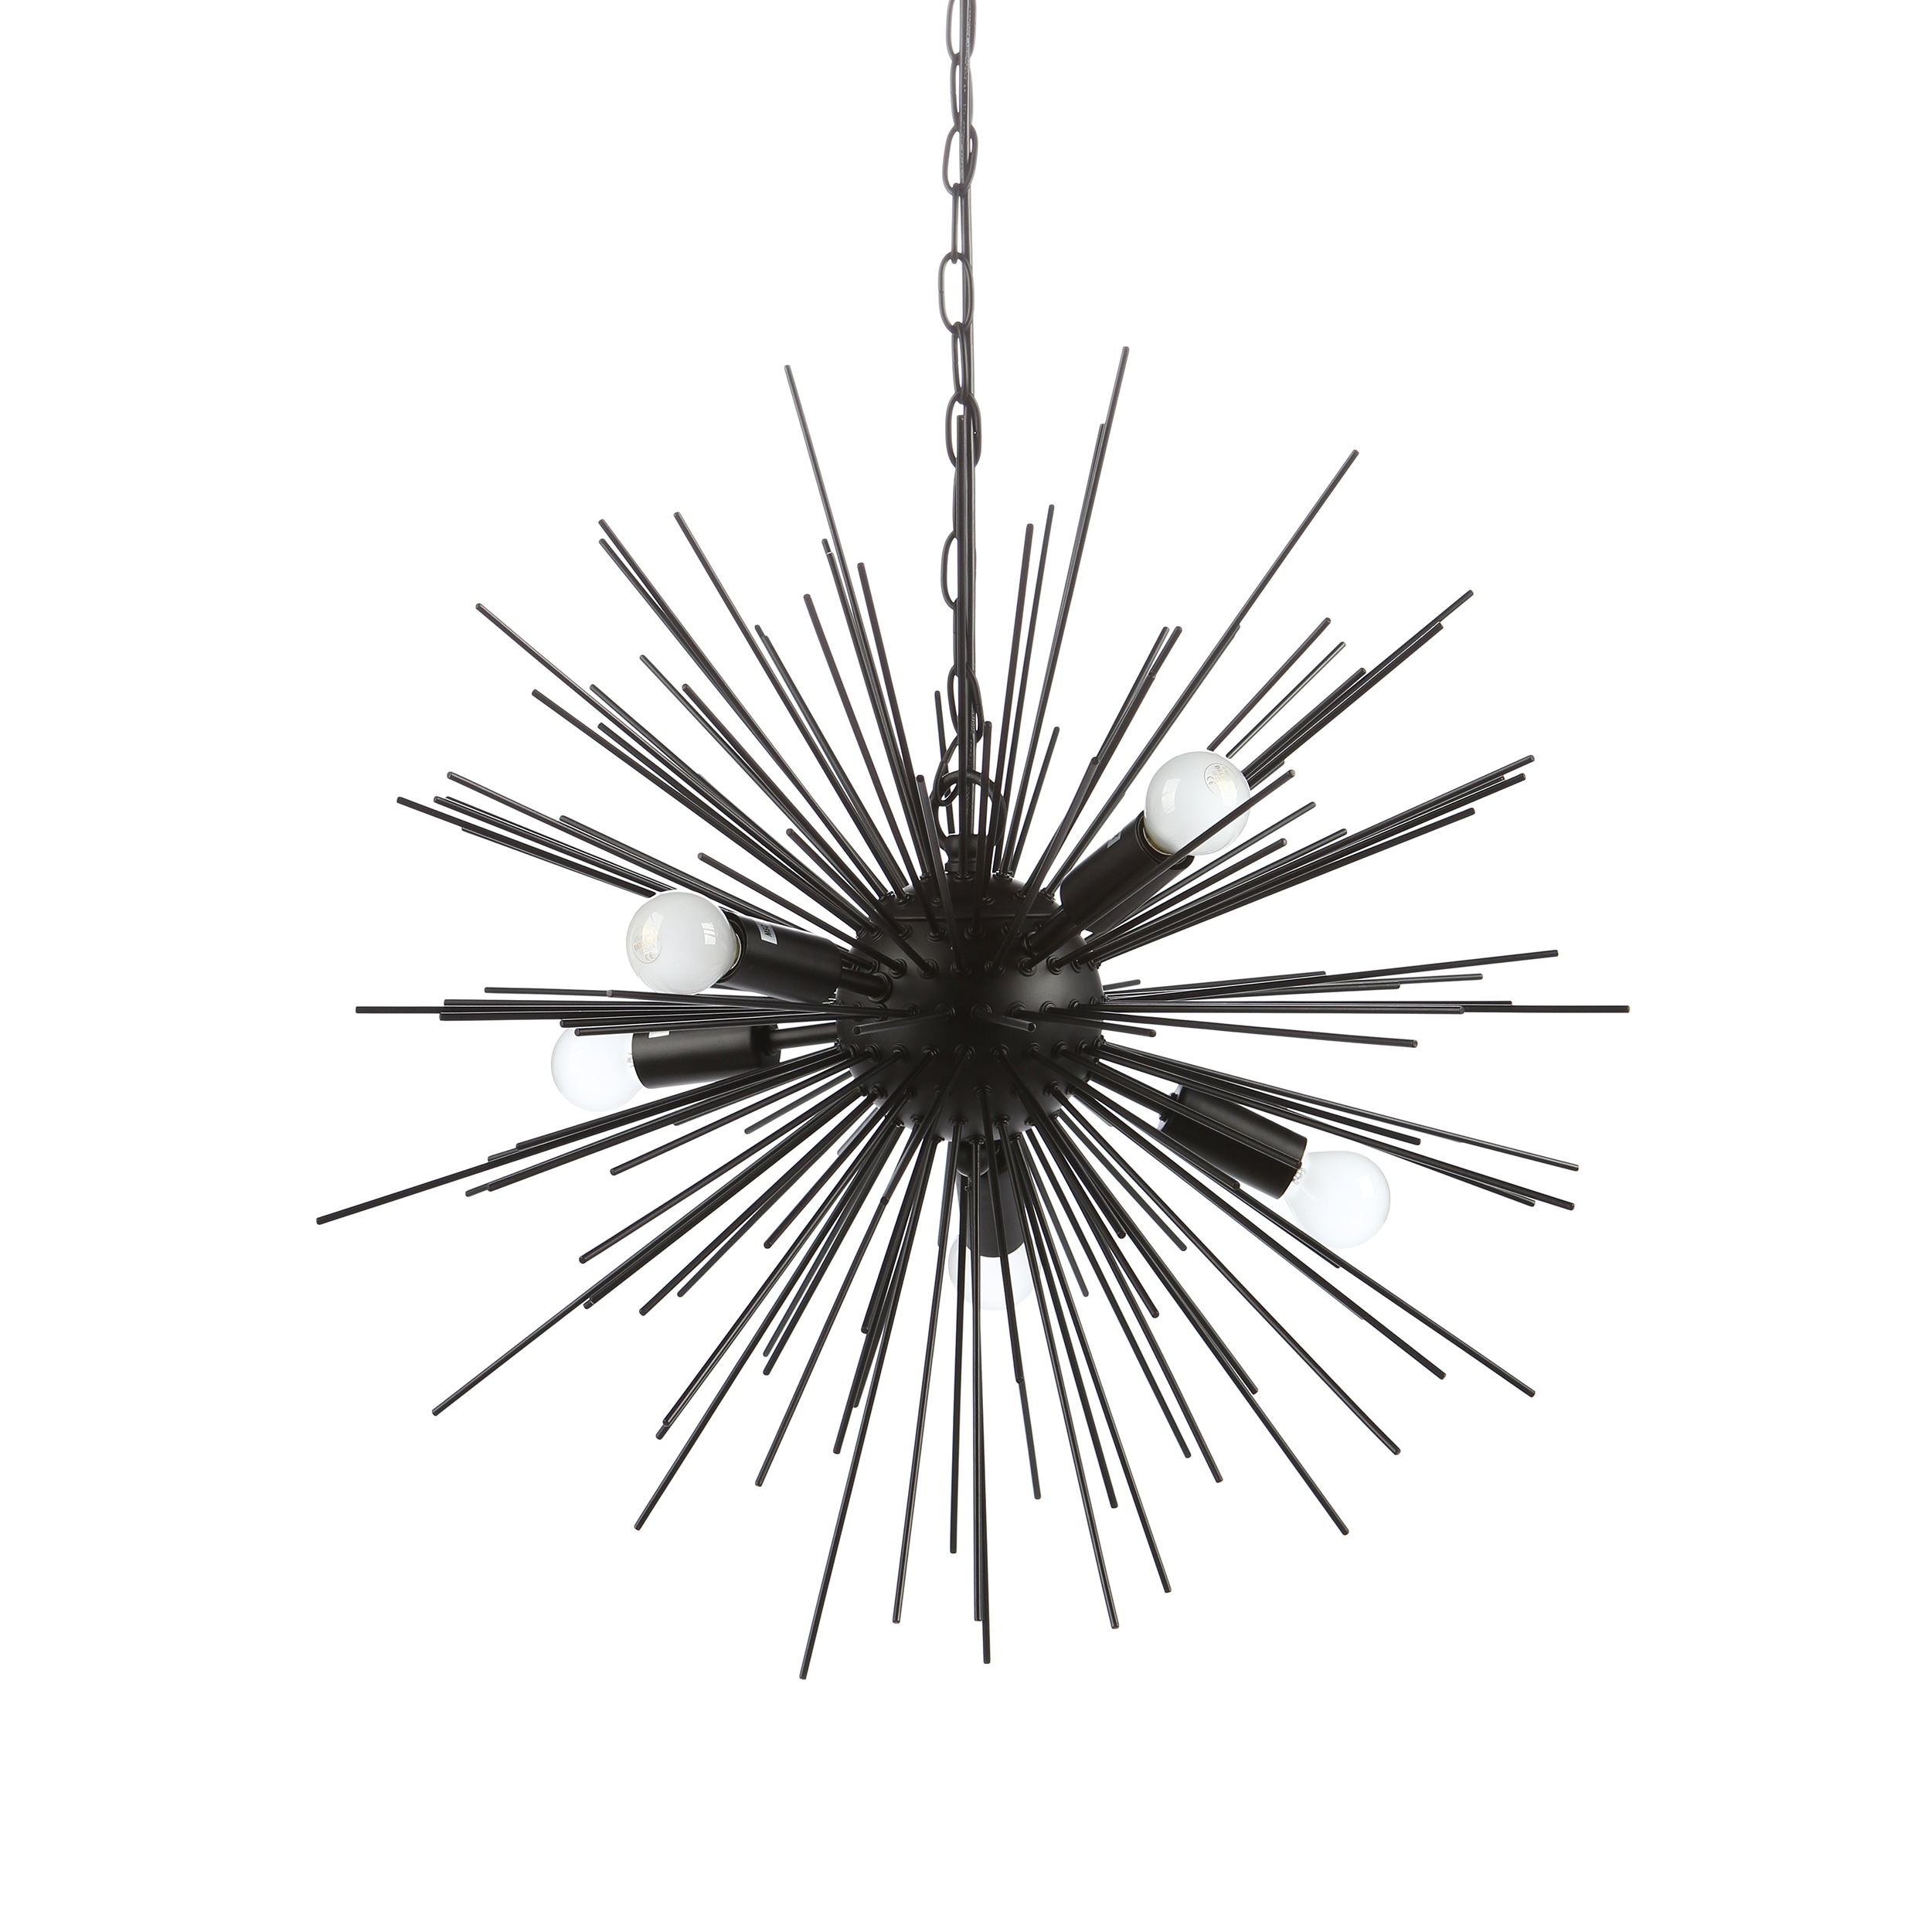 Подвесной светильник SputnikПодвесные<br>Подвесной светильник Sputnik — творение в стиле хай-тек, о чем говорит выбор материалов, форм и цвета. Высокотехнологичное исполнение также является тому подтверждением. <br> <br> Модель светильника исполнена в двух любимых цветах стиля хай-тек — черном и белом. Это универсальная цветовая база, которую легко сочетать как с яркими и сочными, так и с нейтральными цветами. Светильник прекрасно подходит и для кухонь, и для жилых комнат. Его легко комбинировать с другим комнатным освещением — любой на...<br><br>stock: 19<br>Диаметр: 60<br>Длина провода: 150<br>Количество ламп: 5<br>Материал абажура: Металл<br>Материал арматуры: Металл<br>Мощность лампы: 25<br>Ламп в комплекте: Нет<br>Напряжение: 220-240<br>Тип лампы/цоколь: E14<br>Цвет абажура: Черный матовый<br>Цвет арматуры: Черный матовый<br>Цвет провода: Черный